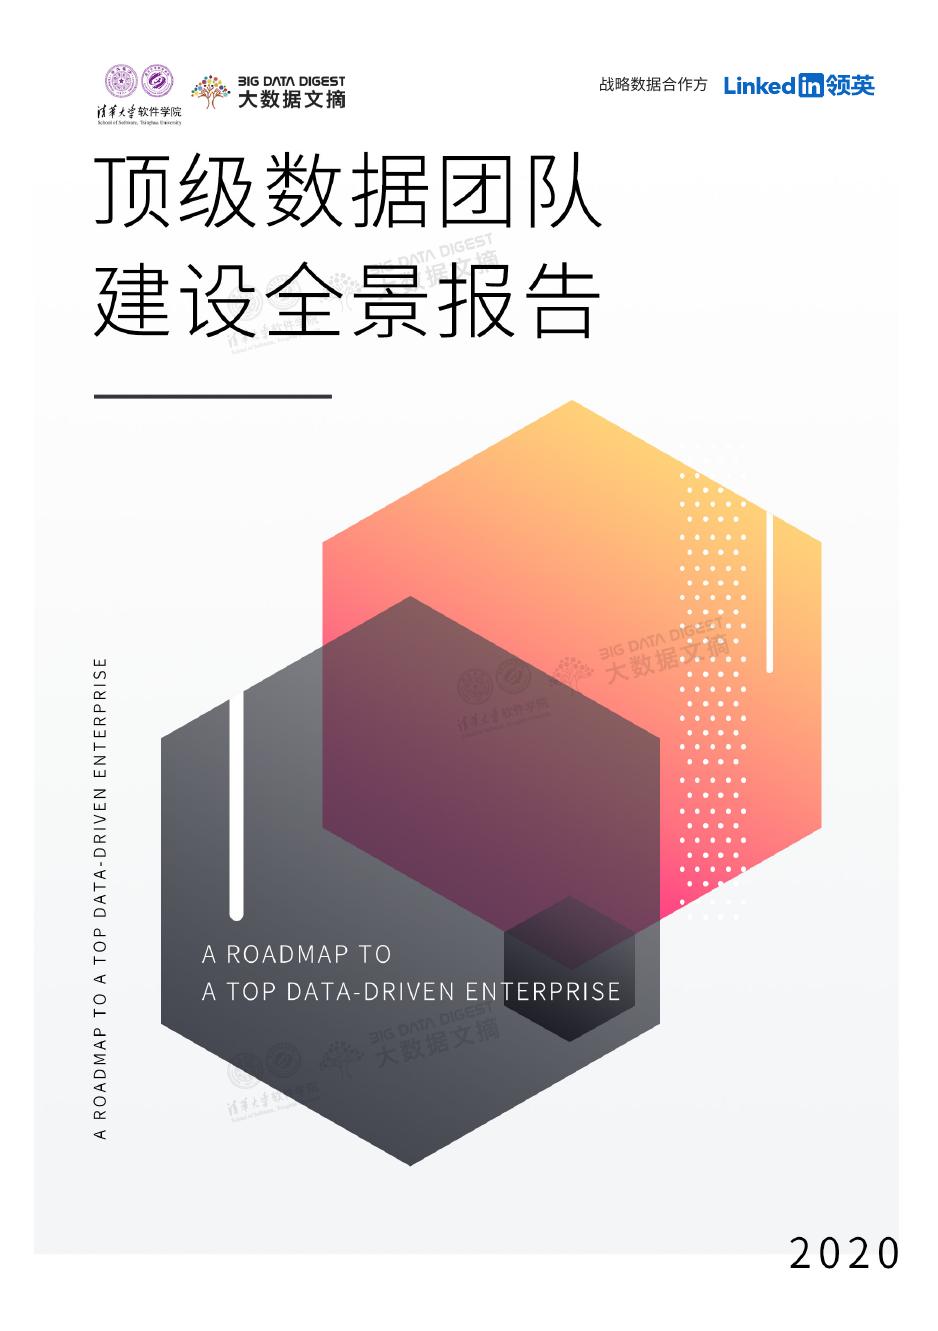 清华大学&大数据文摘:2020年顶级数据团队建设全景报告